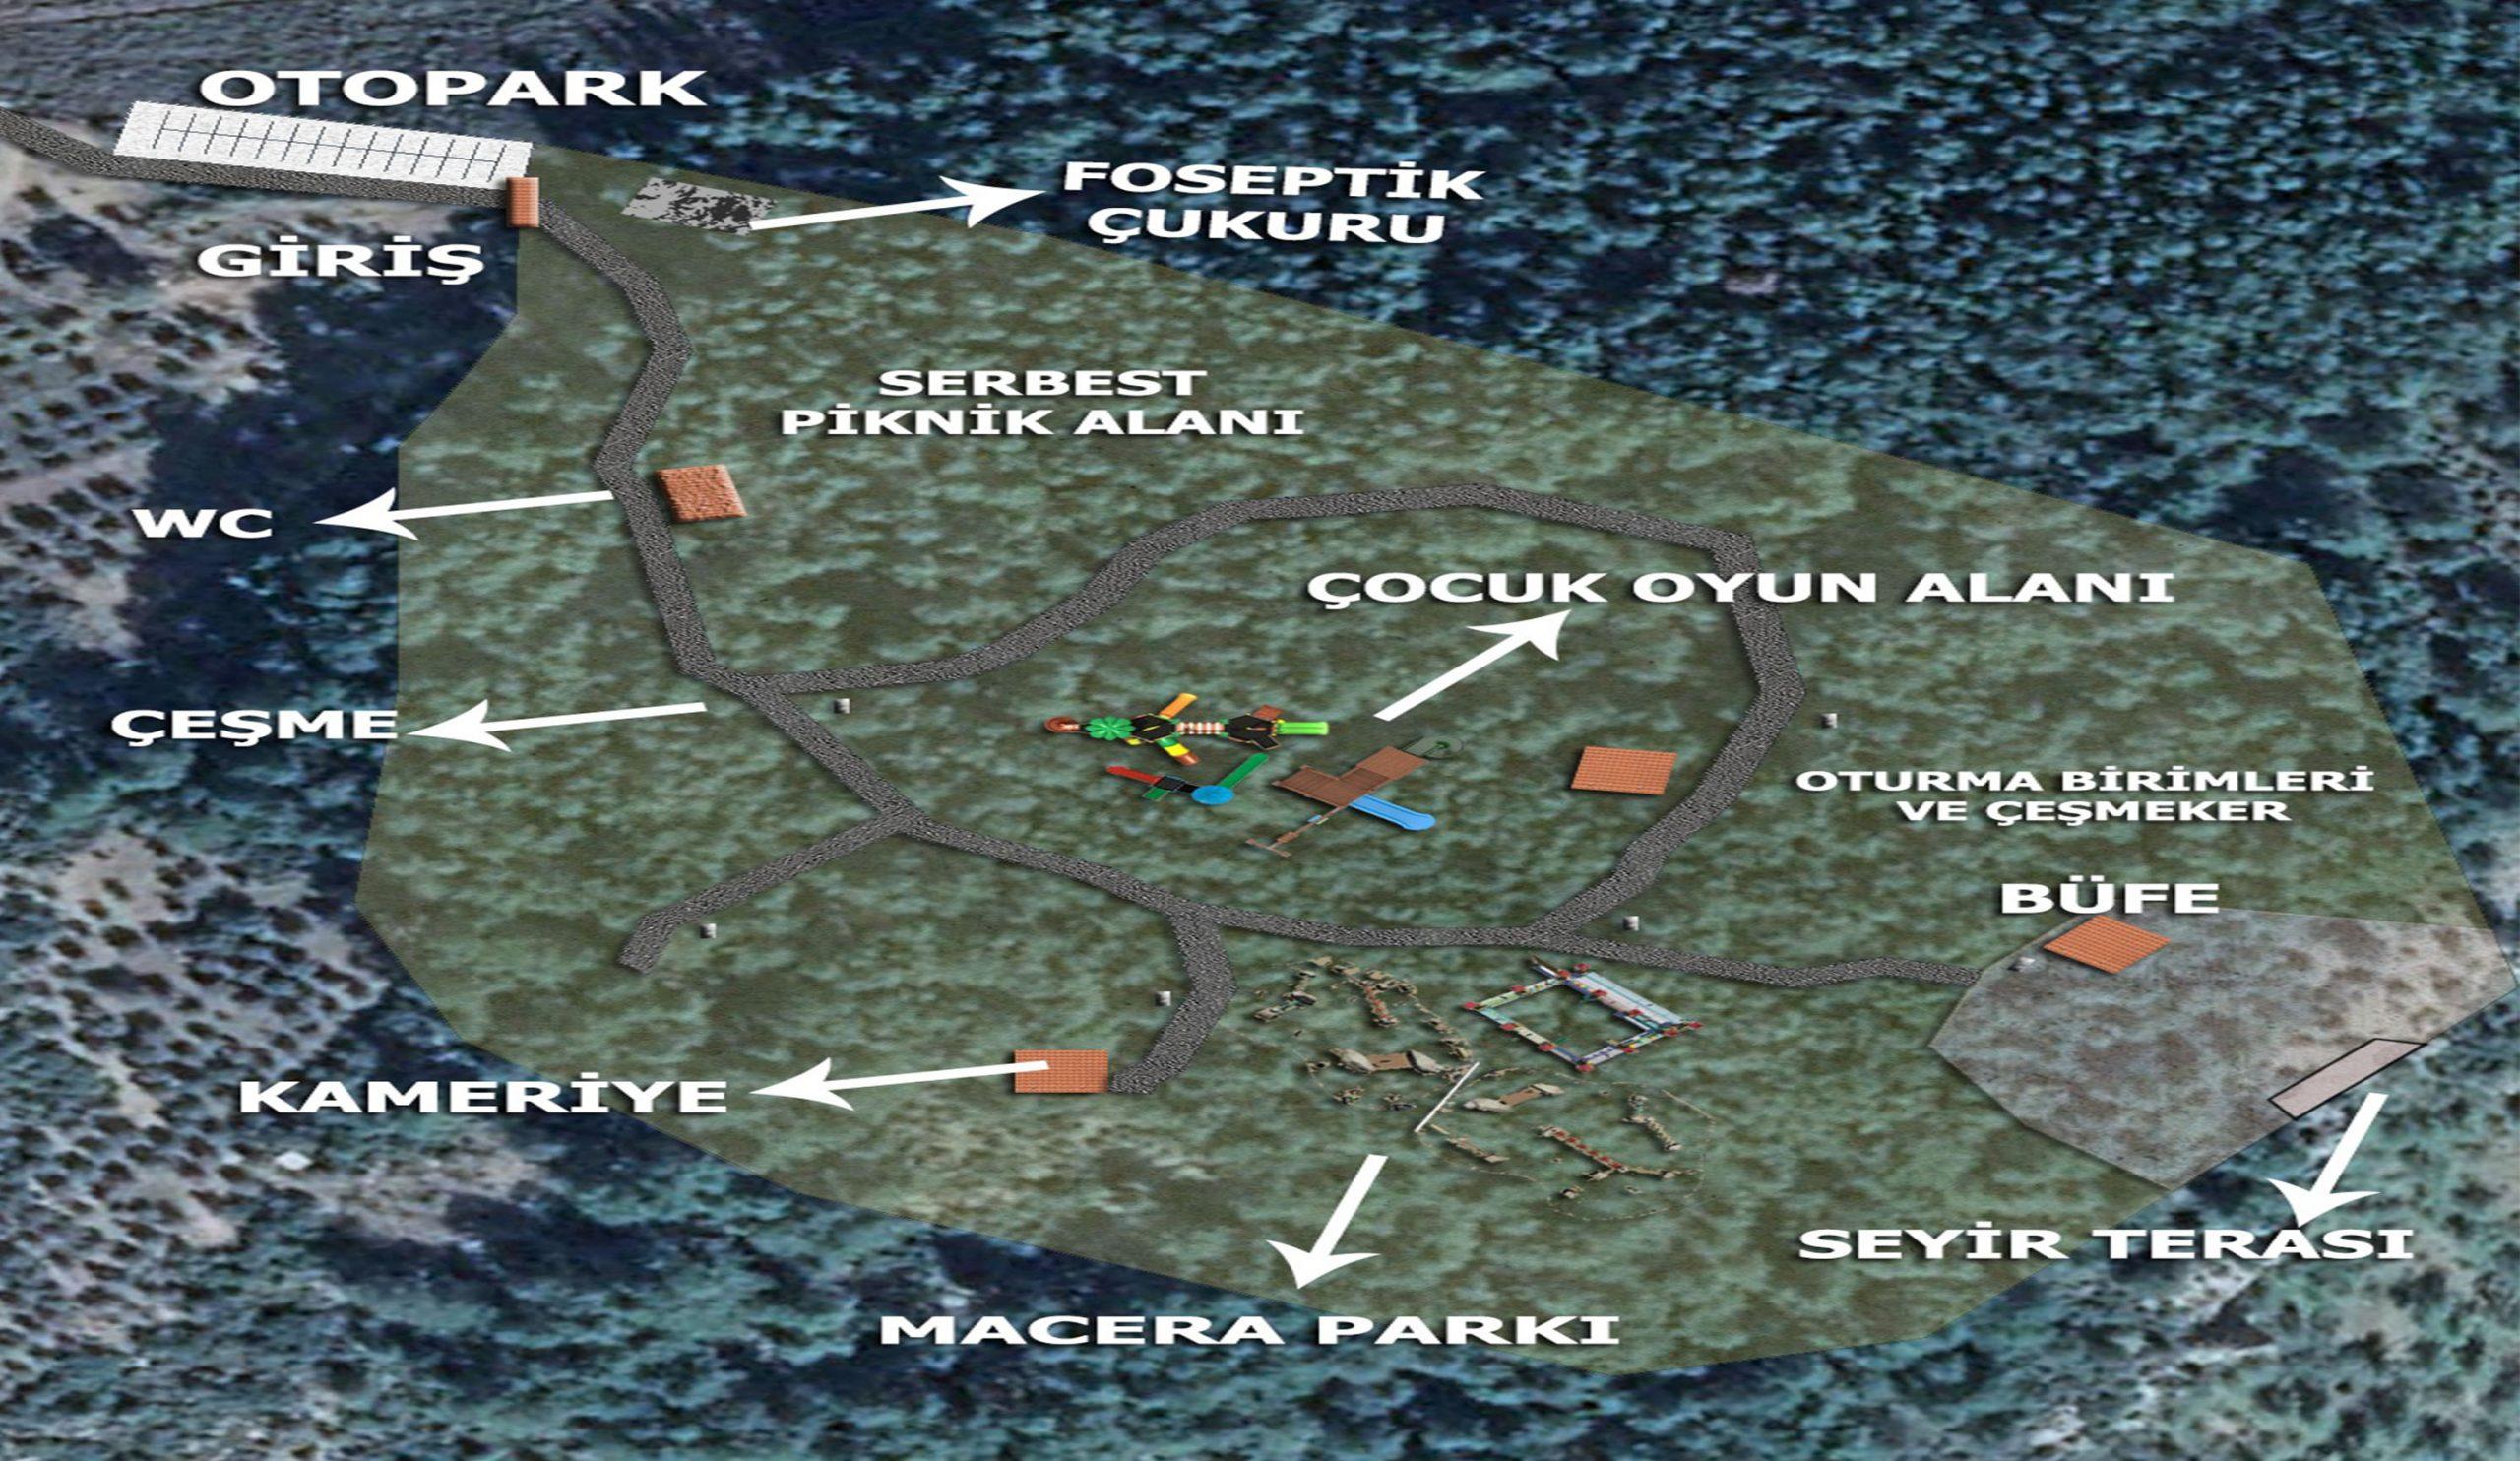 Karaisali'ya Macera Parki Kuruluyor(2)